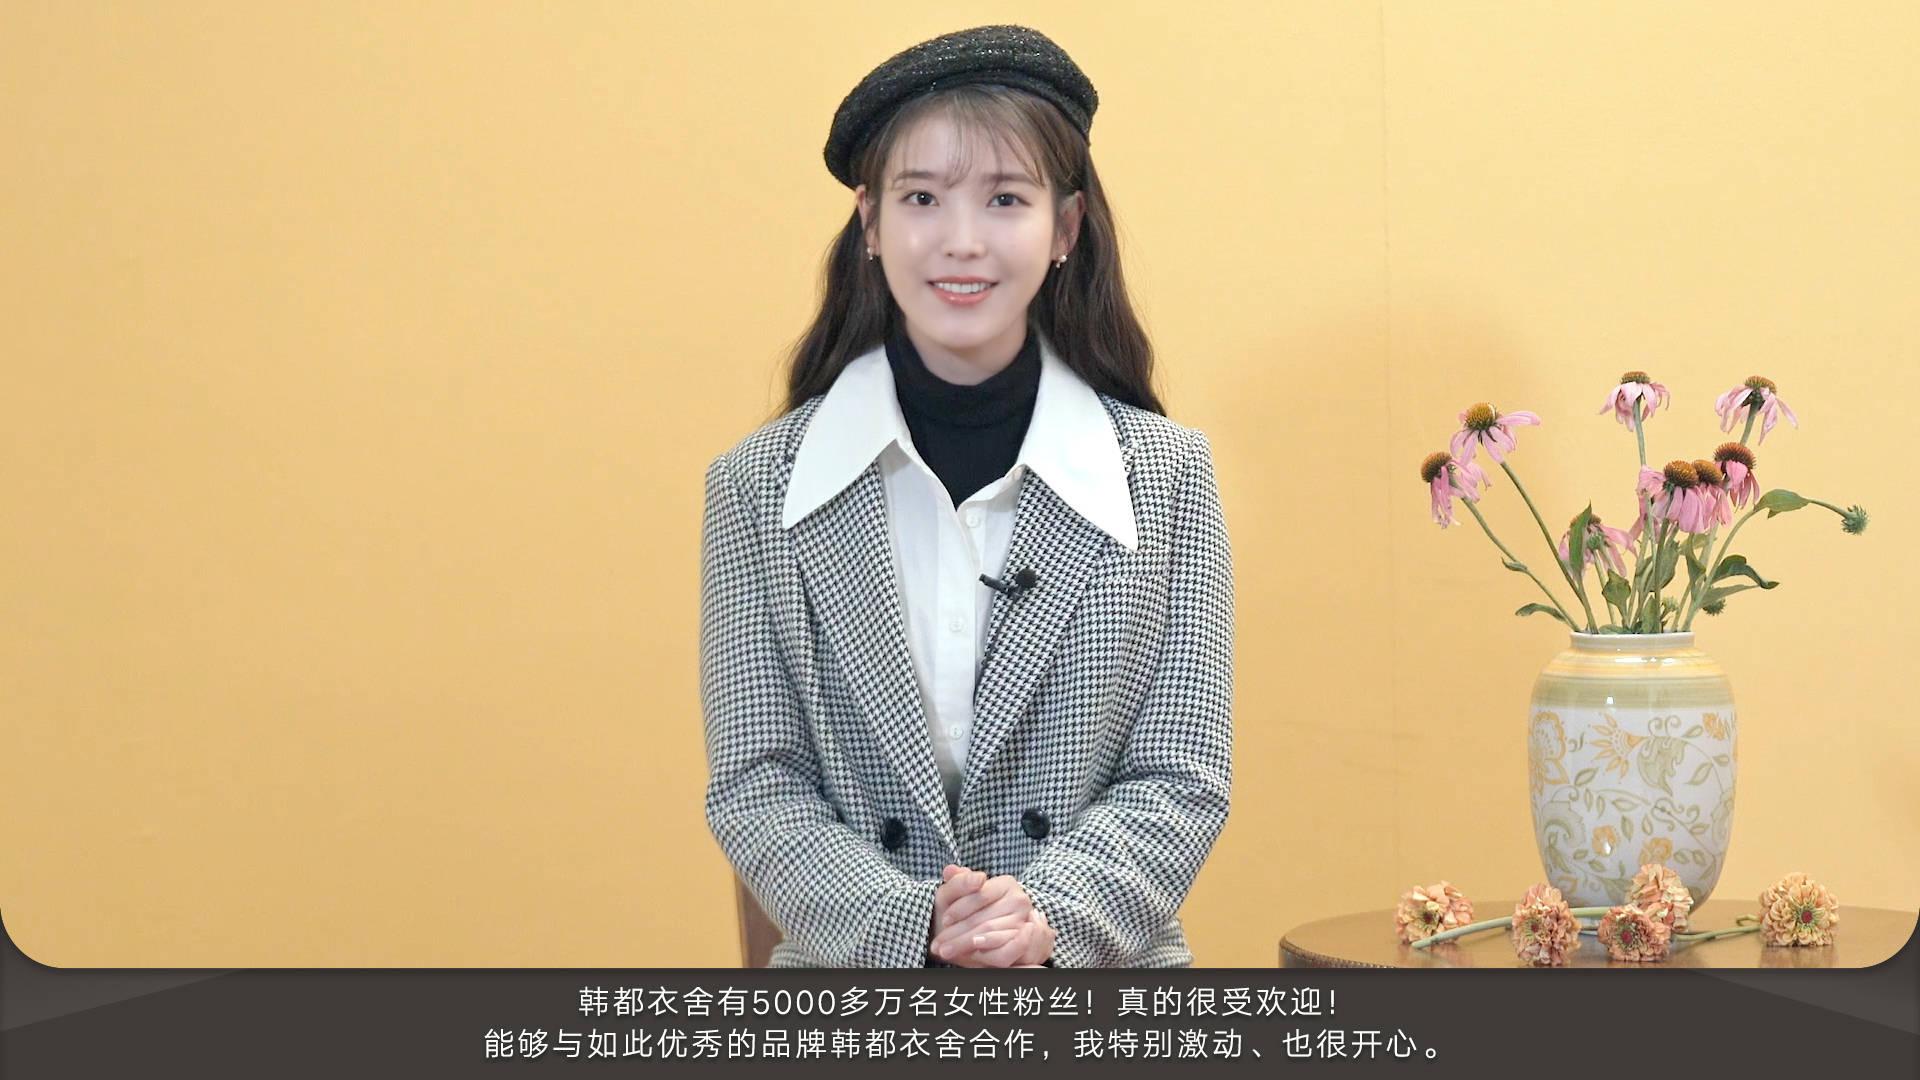 继GUCCI后,IU首次出任中国品牌韩都衣舍时尚总监!